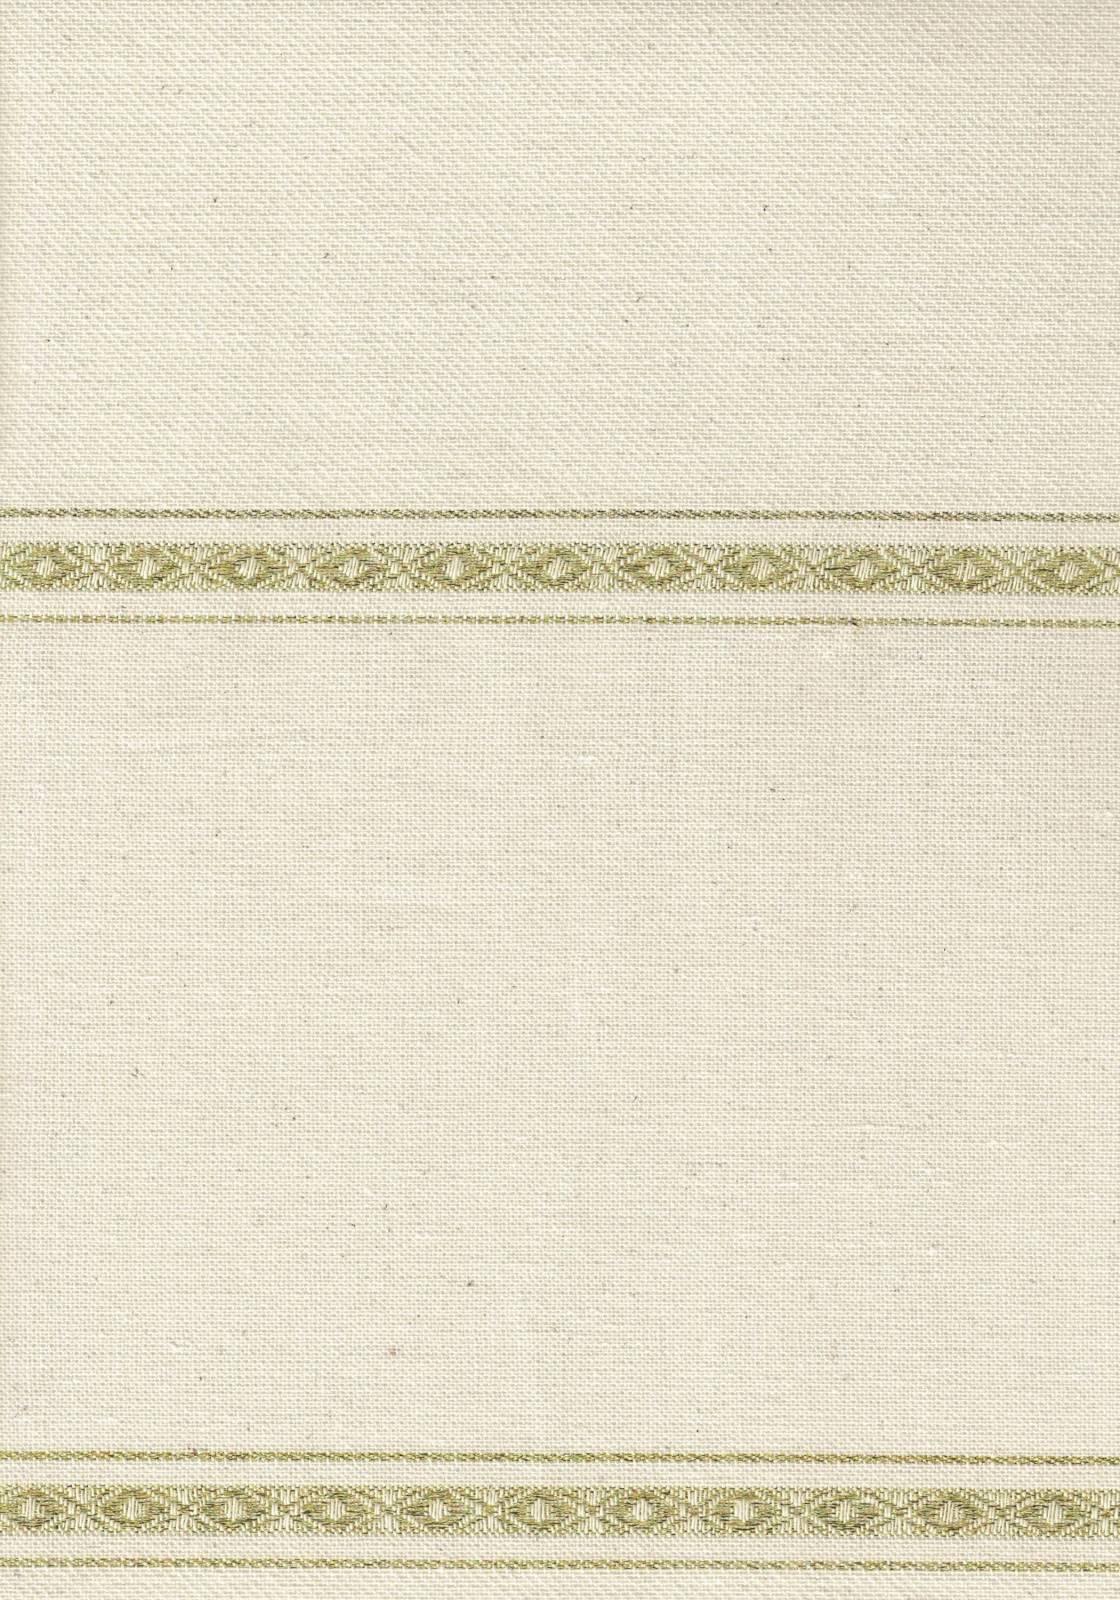 Tecido Catita Gold Cru Com Dourado Ref. 4650 Cor 14 Estilotex - Armarinhos Nodari